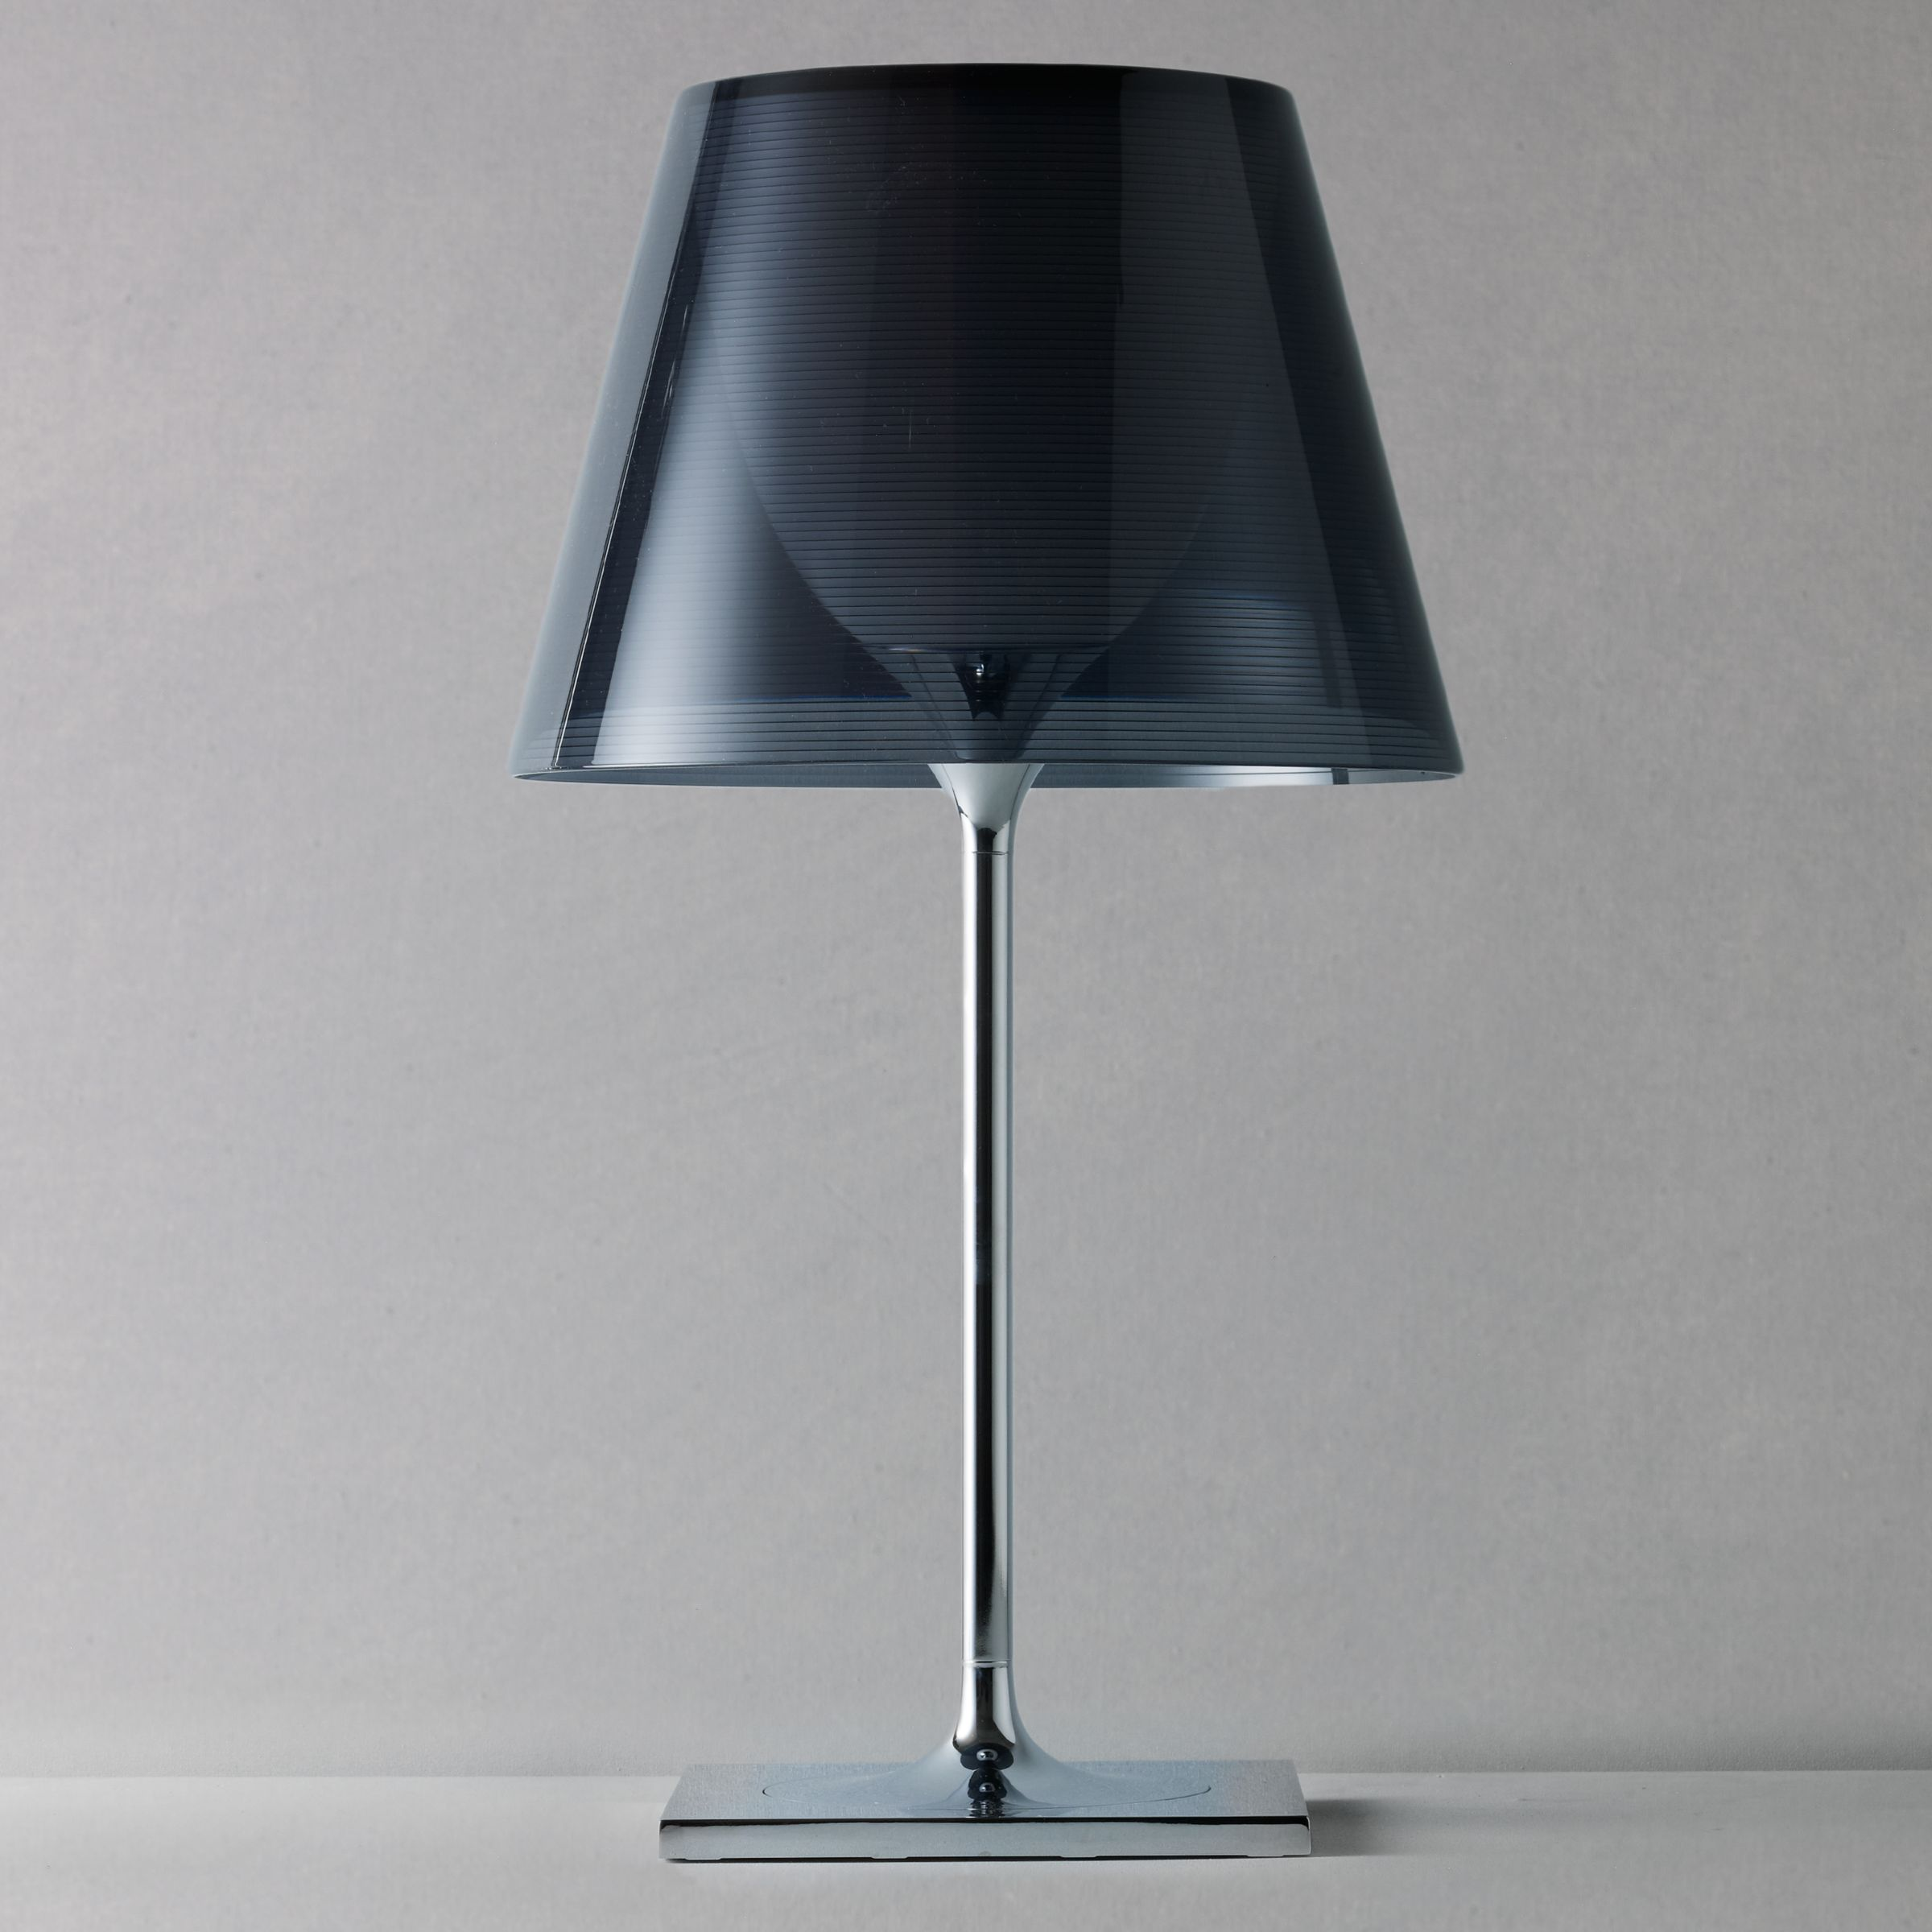 Flos Flos K Tribe T1 Table Lamp